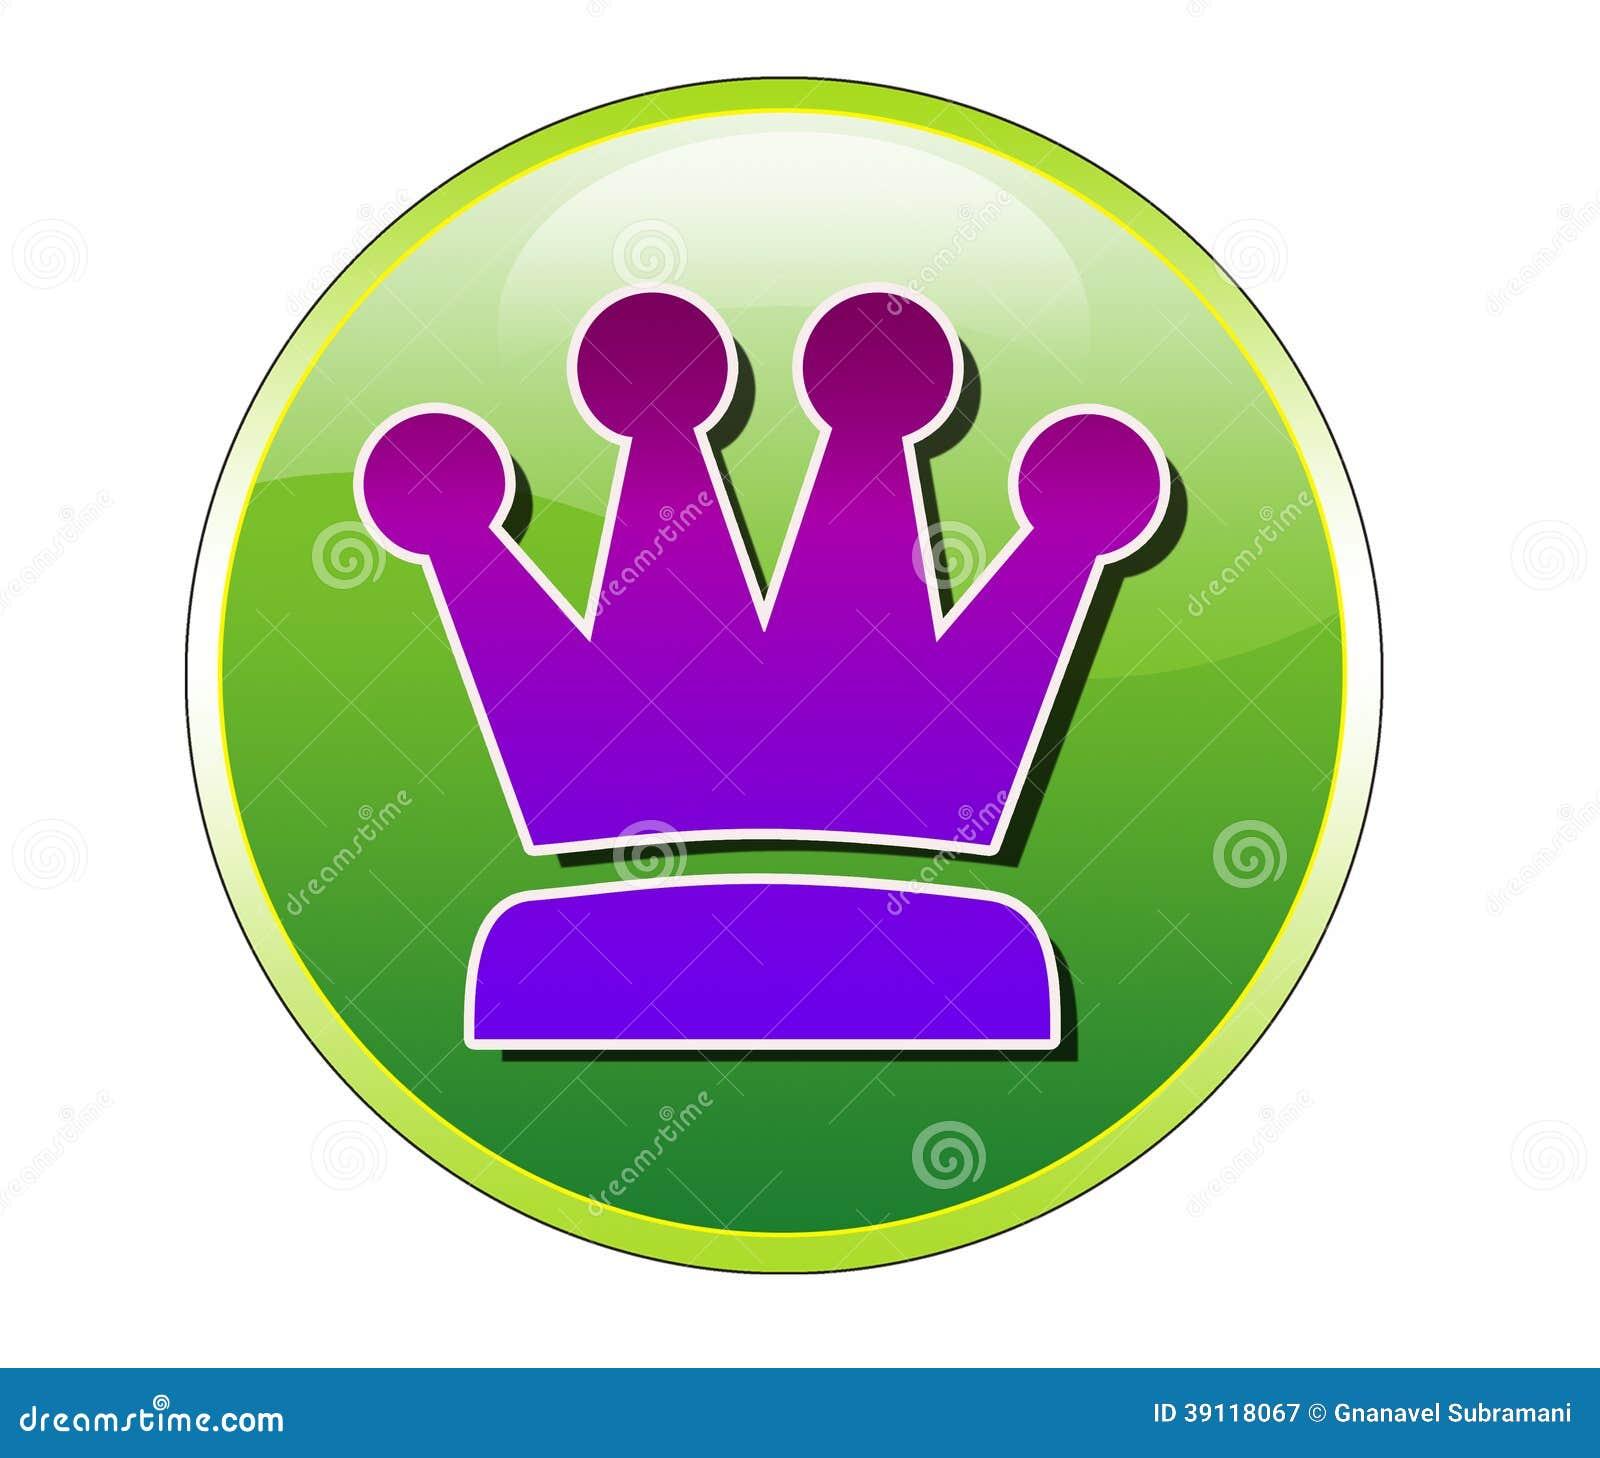 Koningin Icon